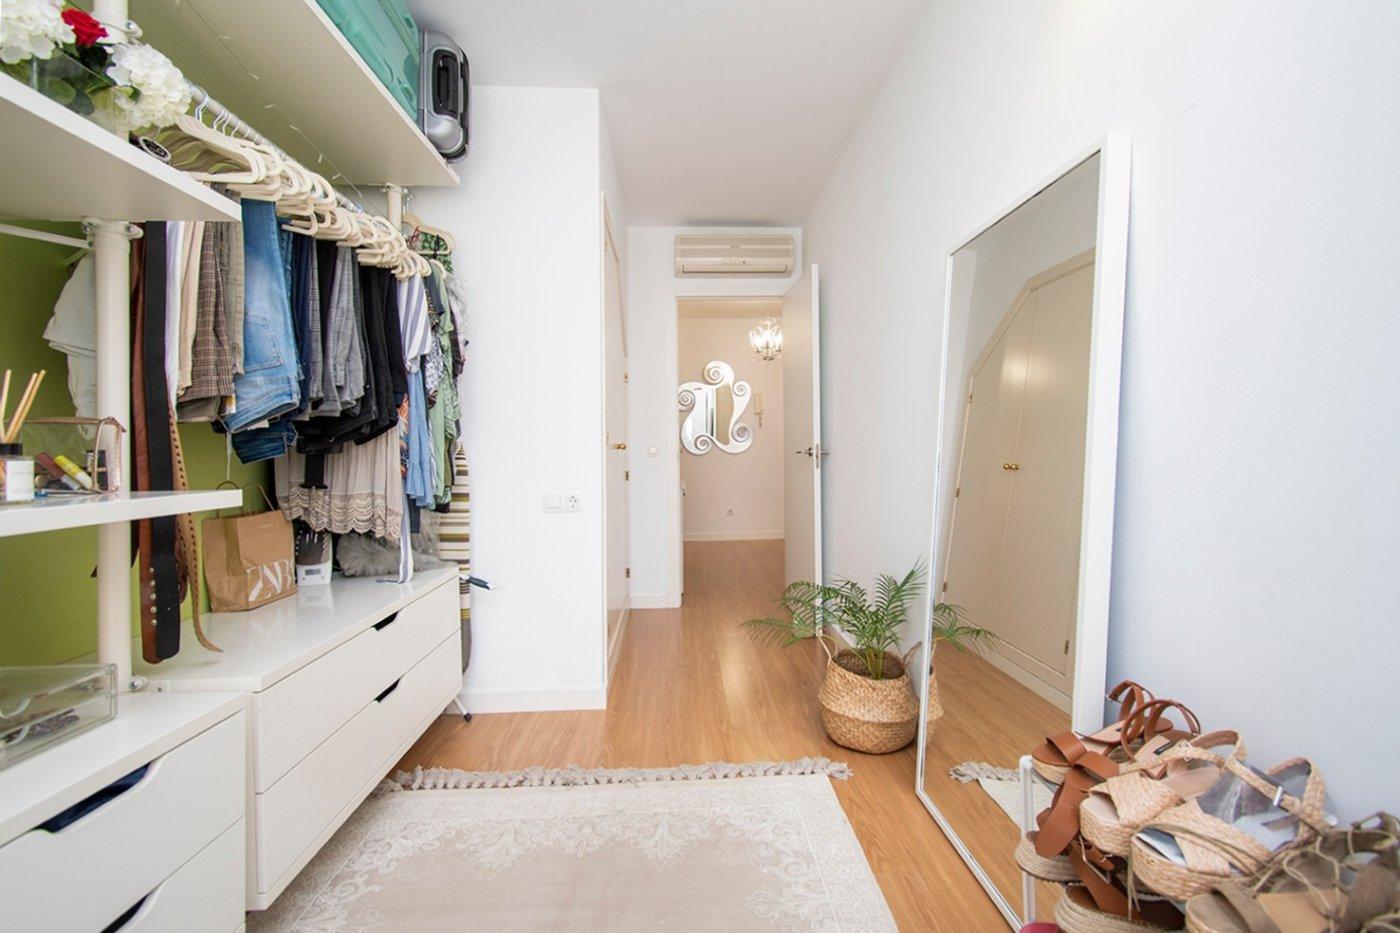 Ático-dÚplex de 3 habitaciones con terraza en planta en pedro garau (parking opcional) - imagenInmueble15